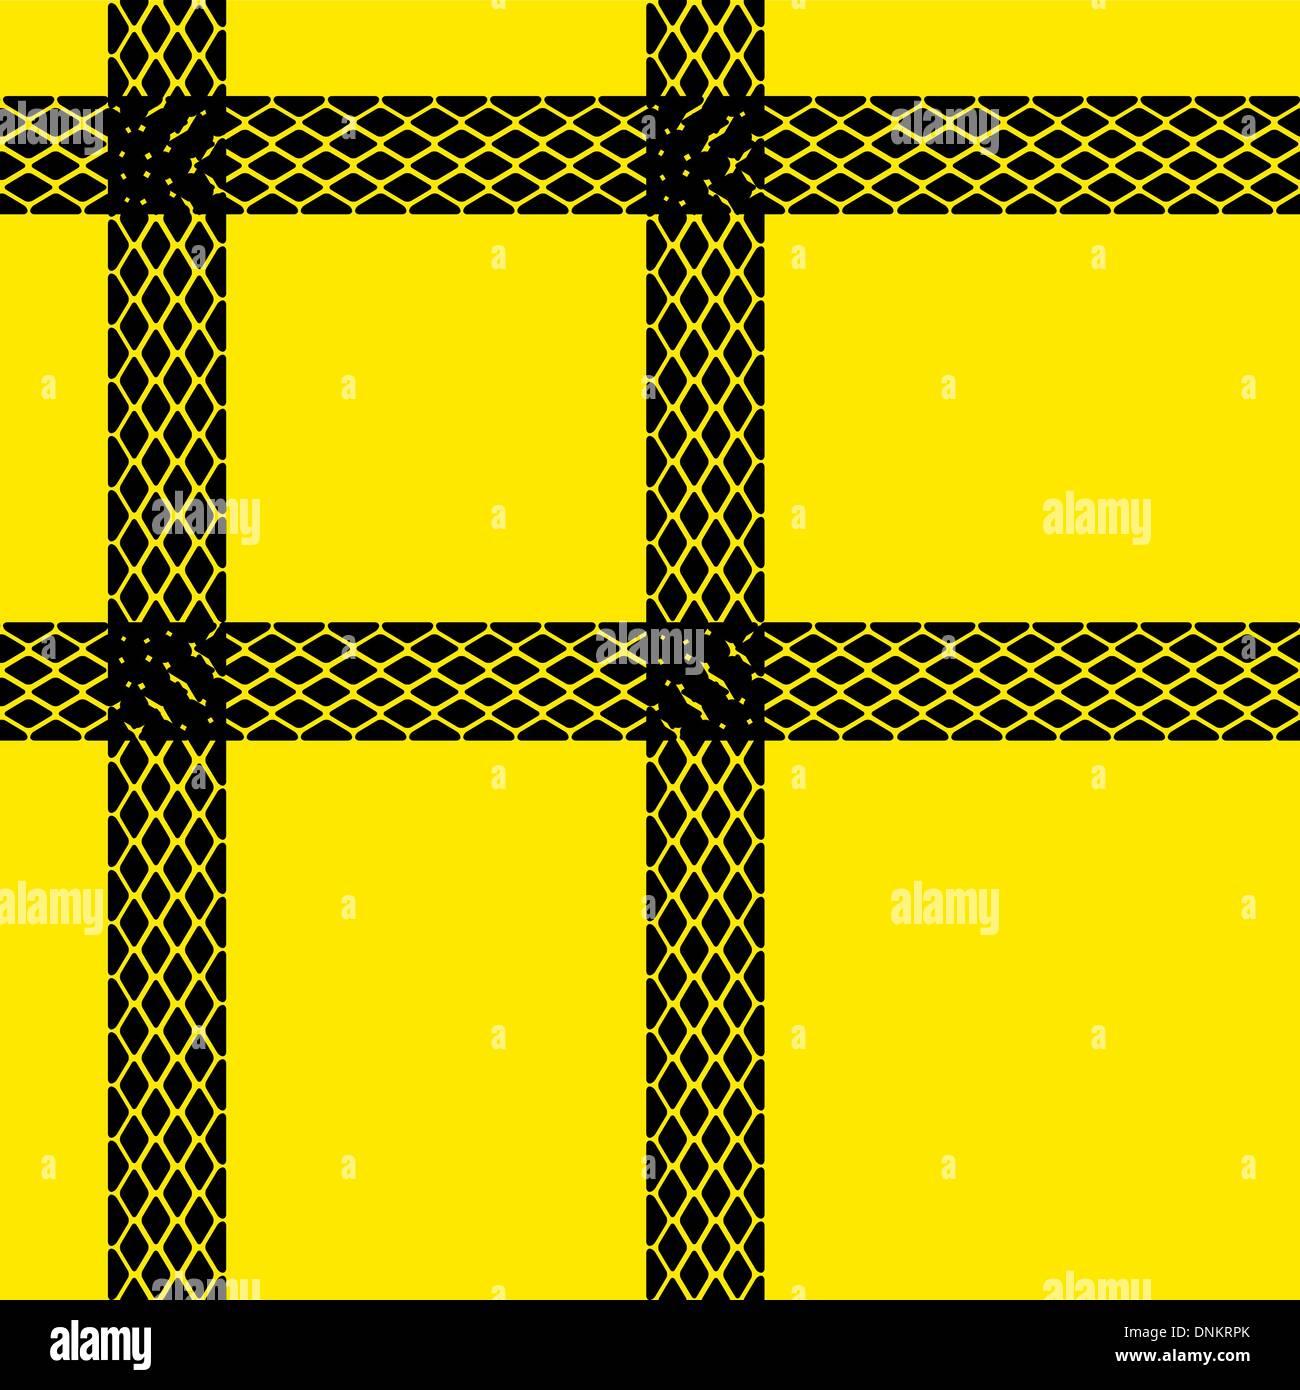 Carta da parati senza giunture tracce di pneumatici pattern illustrazione sfondo vettoriale Illustrazione Vettoriale